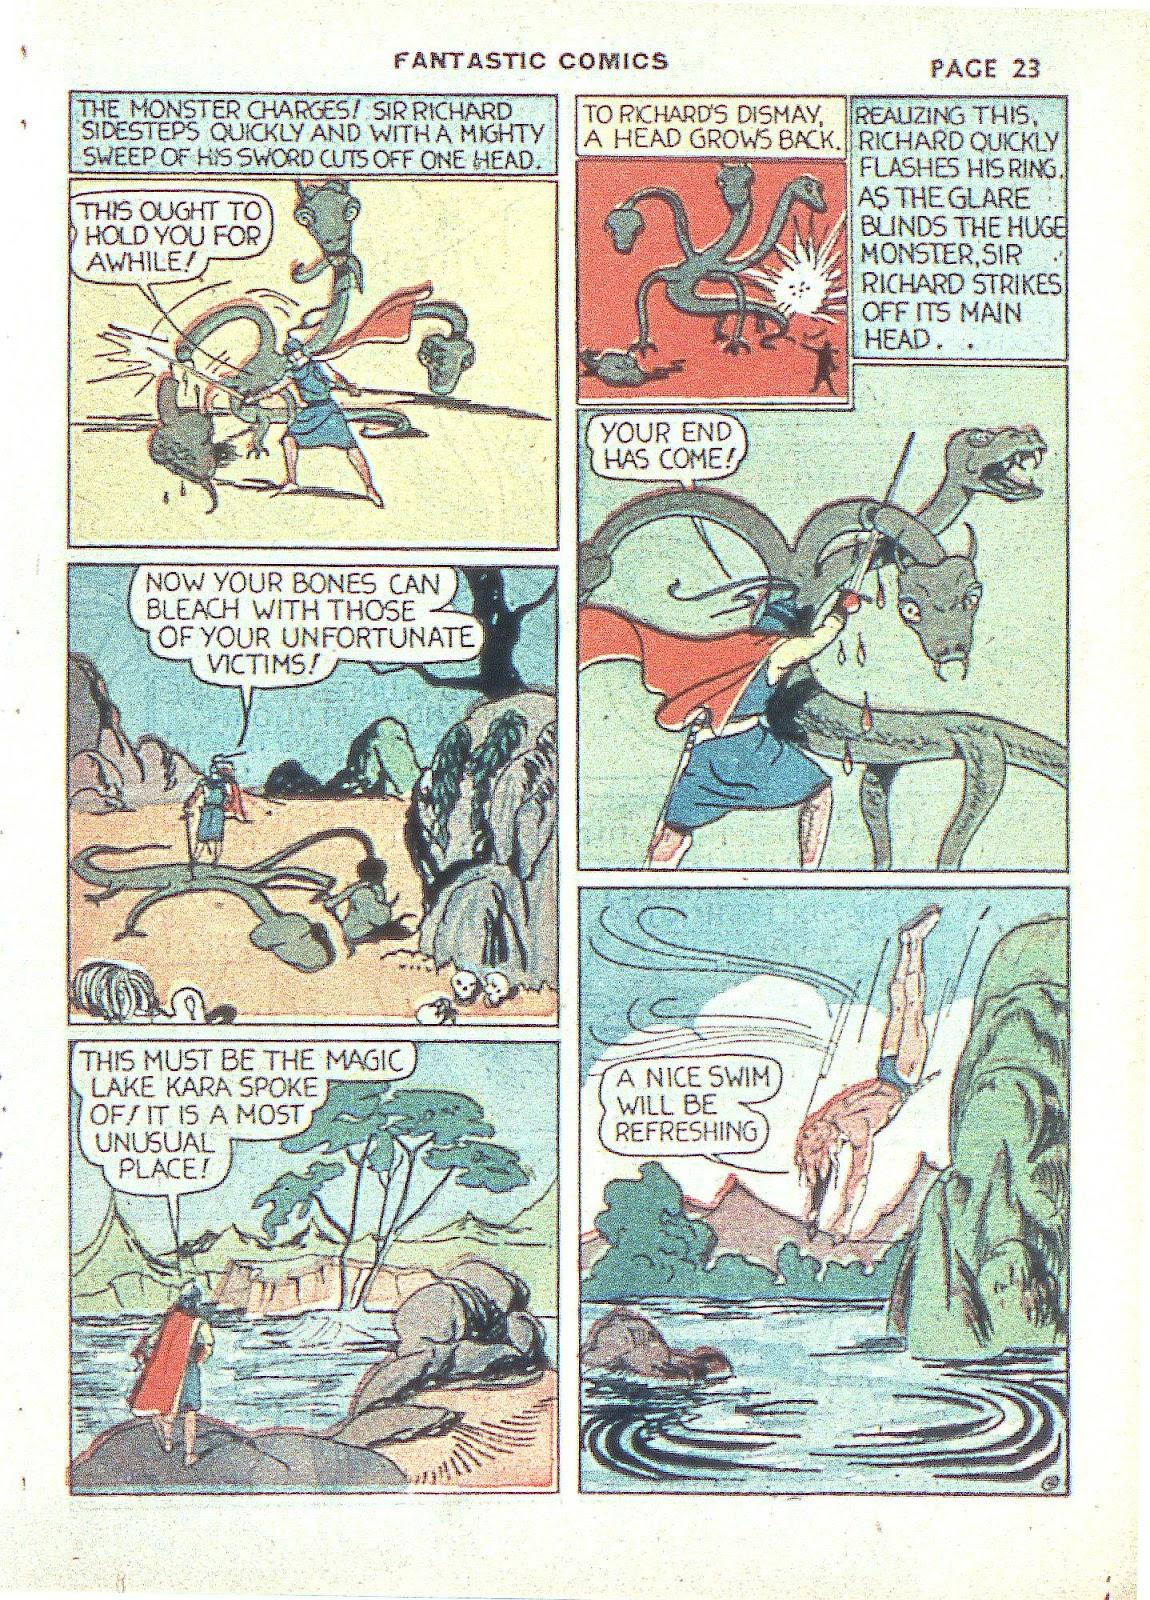 Read online Fantastic Comics comic -  Issue #3 - 26